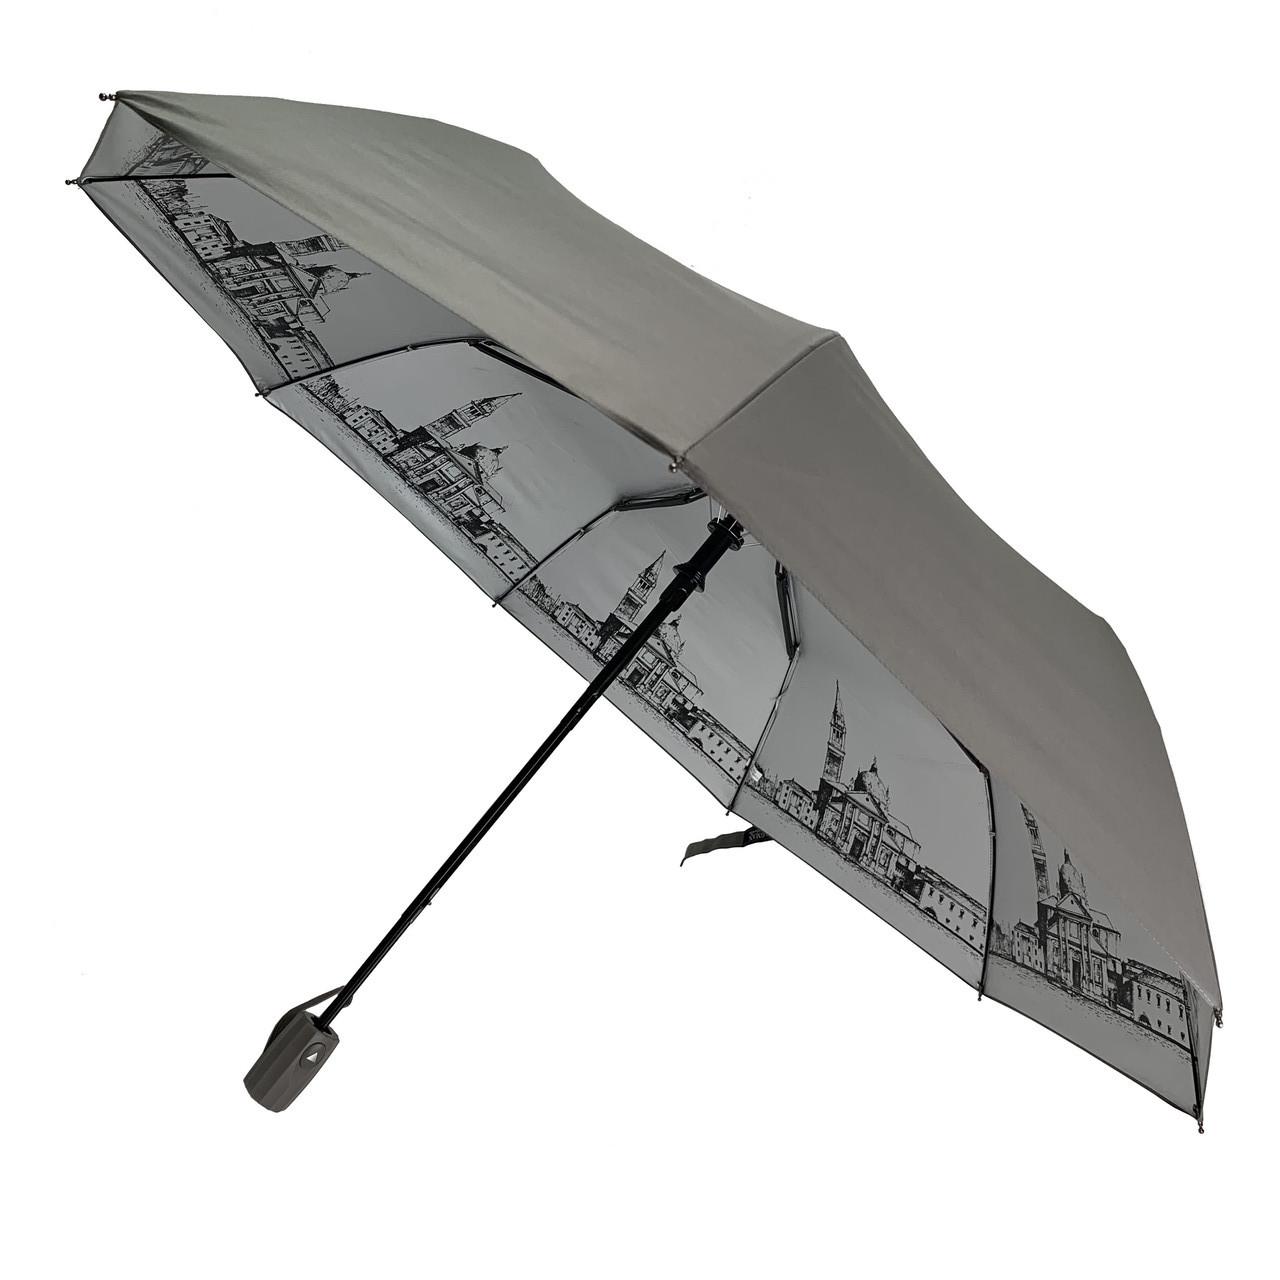 Женский складной зонт-полуавтомат с серебристым напылением и принтом  городов от Flagman, серый, 713-1